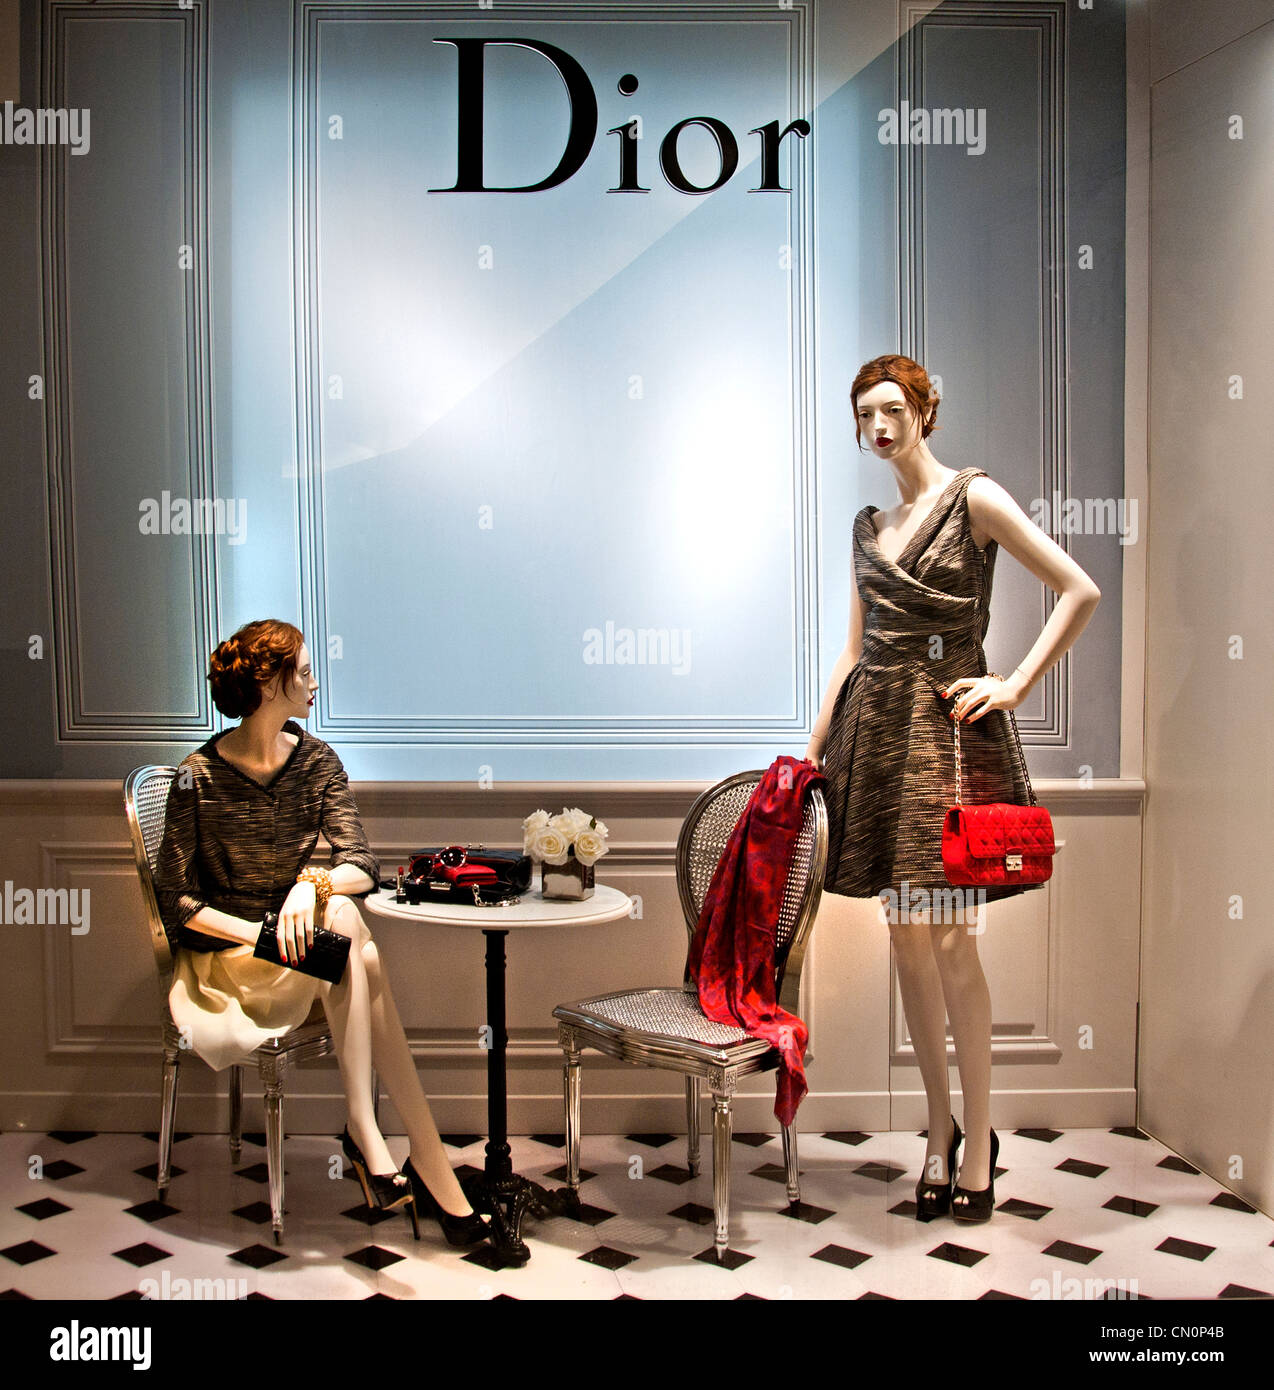 Dior Le Bon Marché Paris France Fashion department store Photo Stock